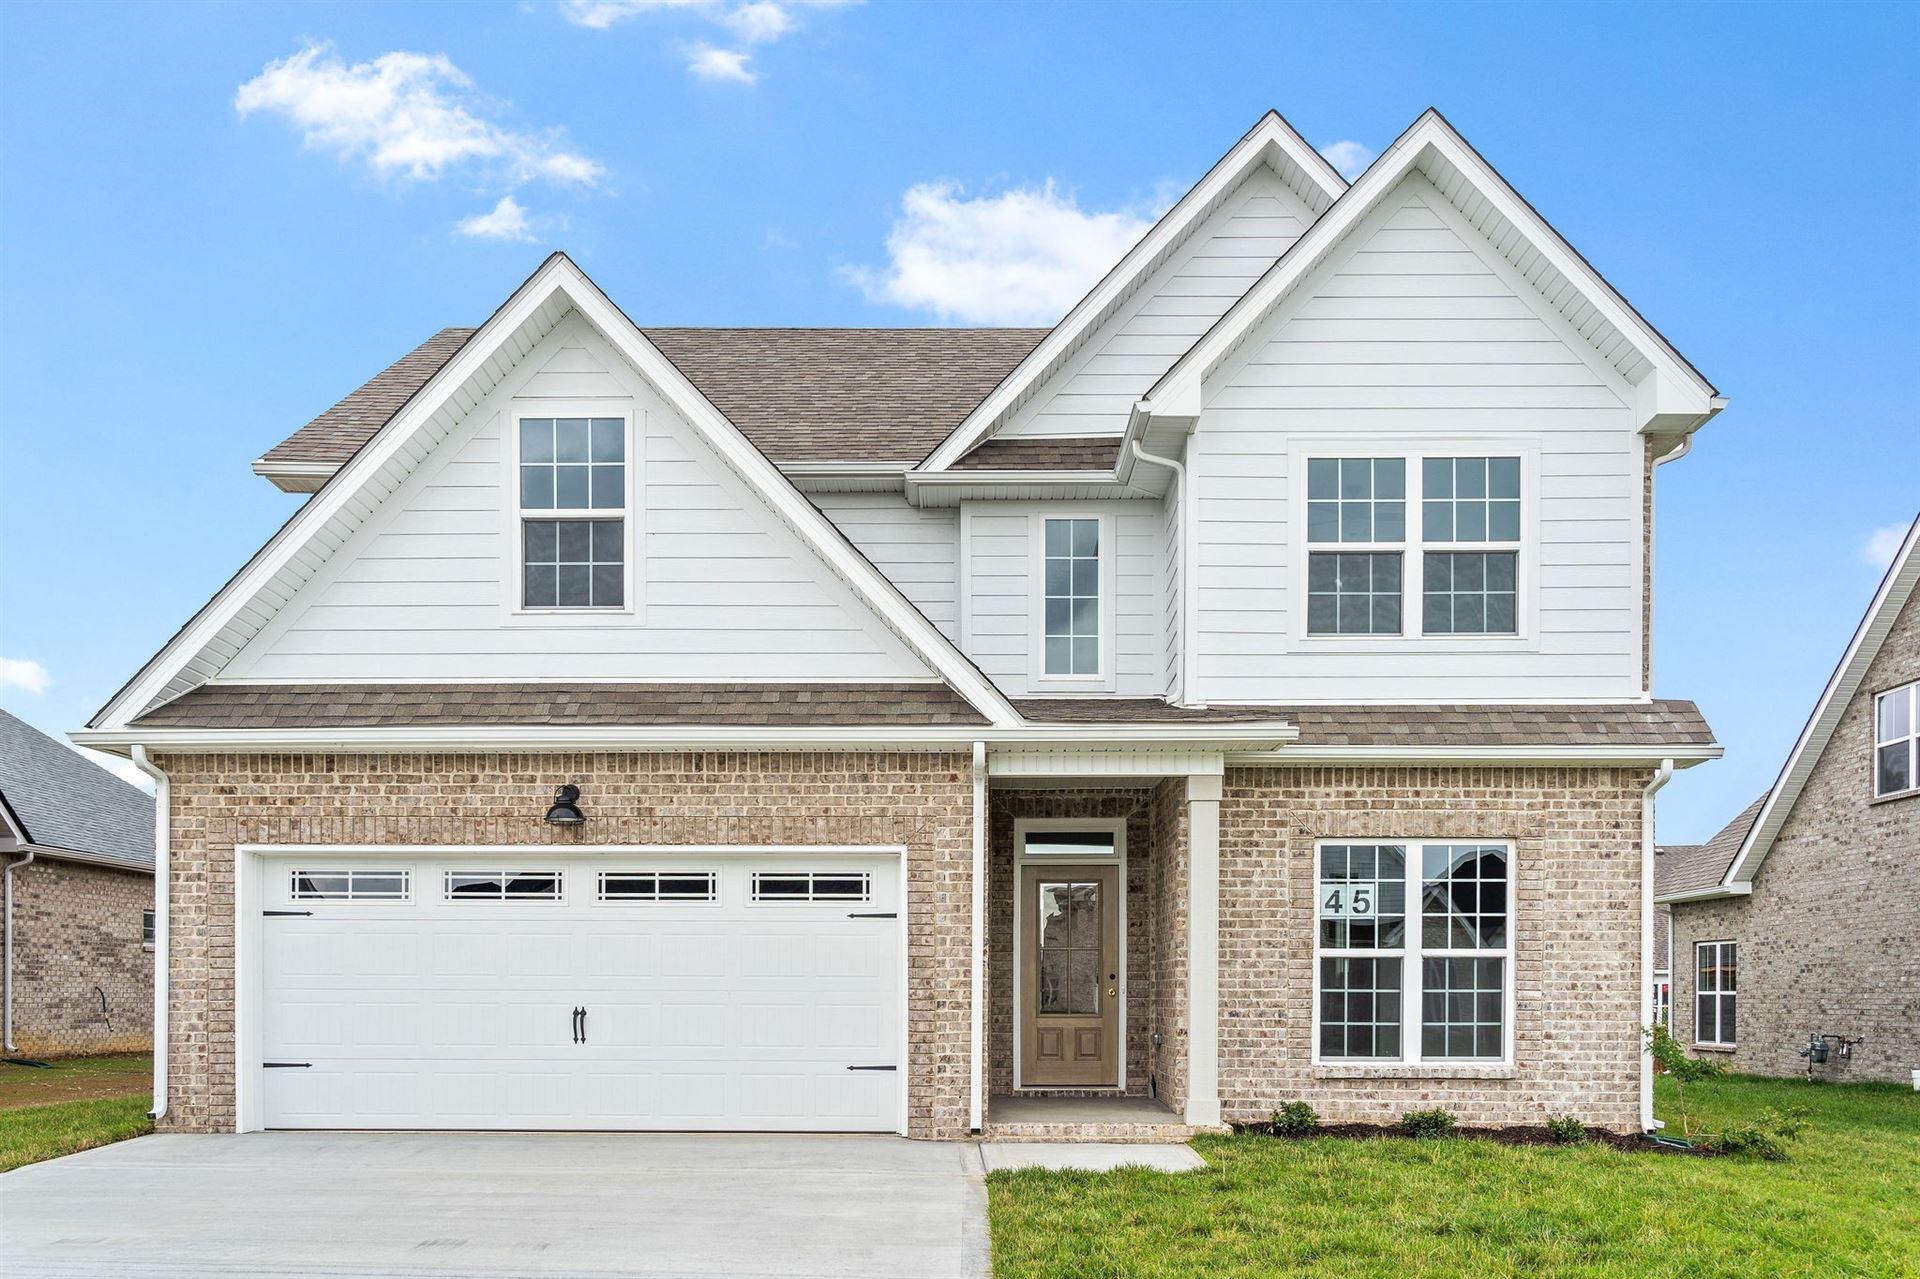 1429 Hereford Blvd., Clarksville, TN 37043 - MLS#: 2238634